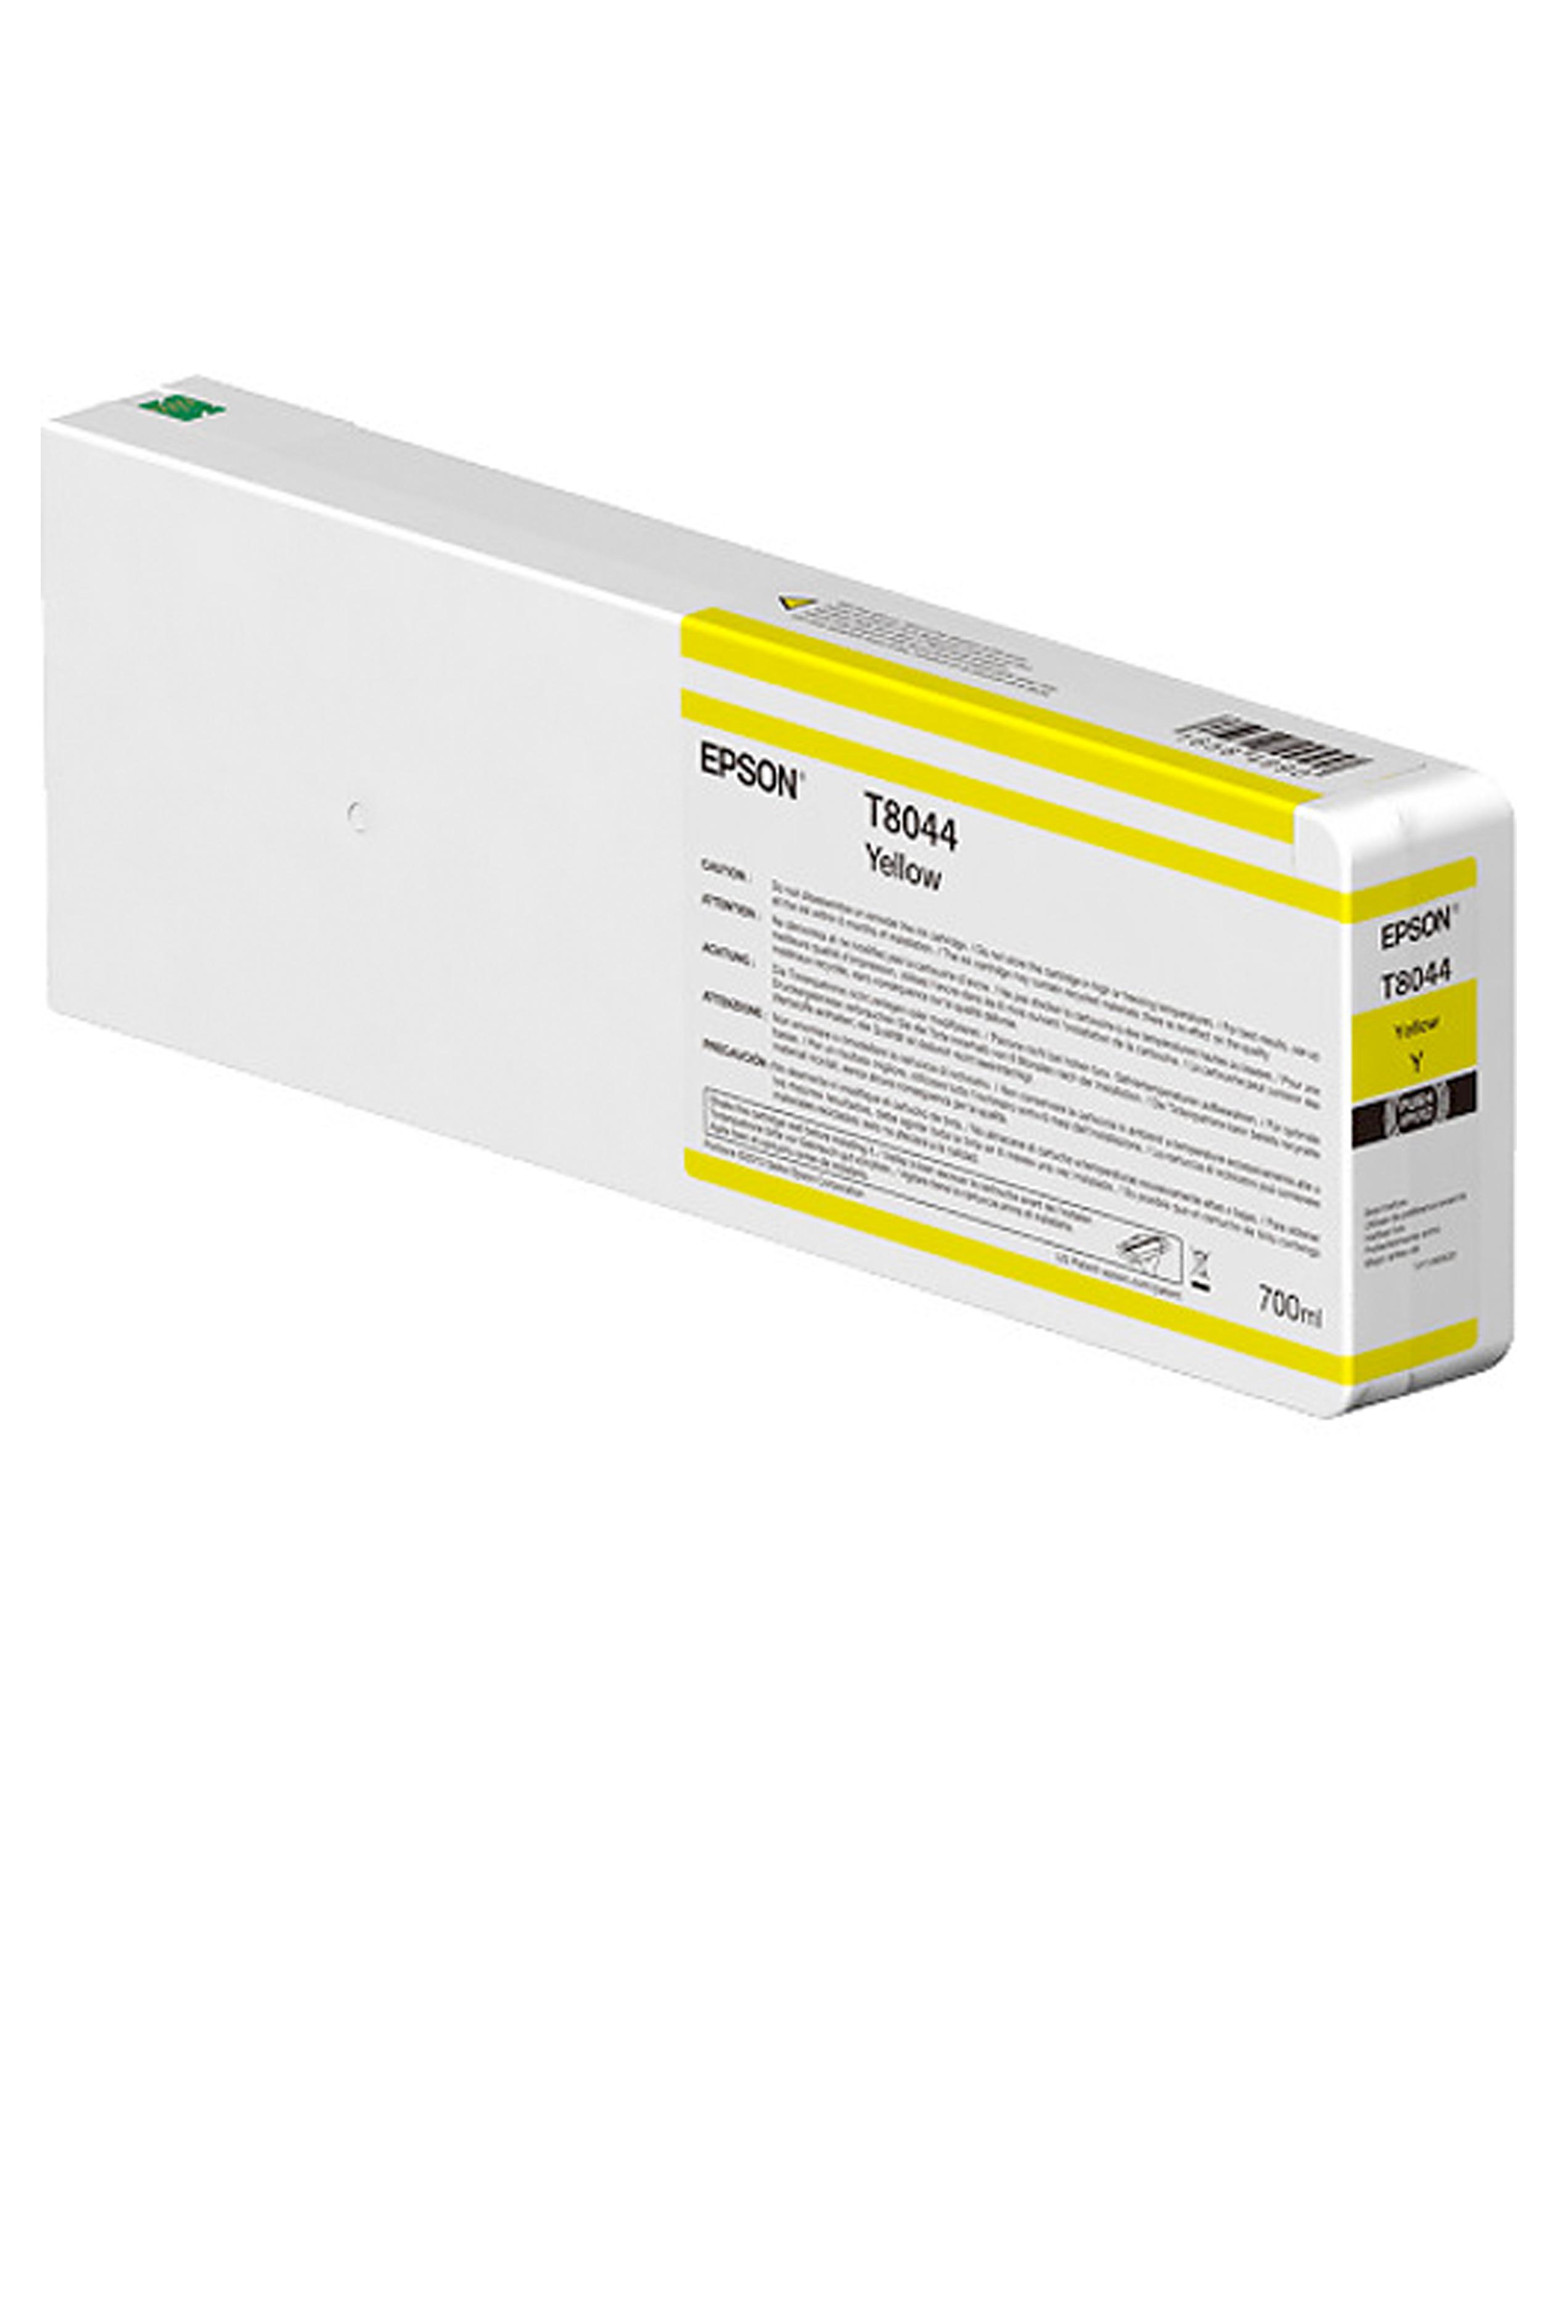 Epson EPSON XH YELLOW INK (700 ML) (T804400)